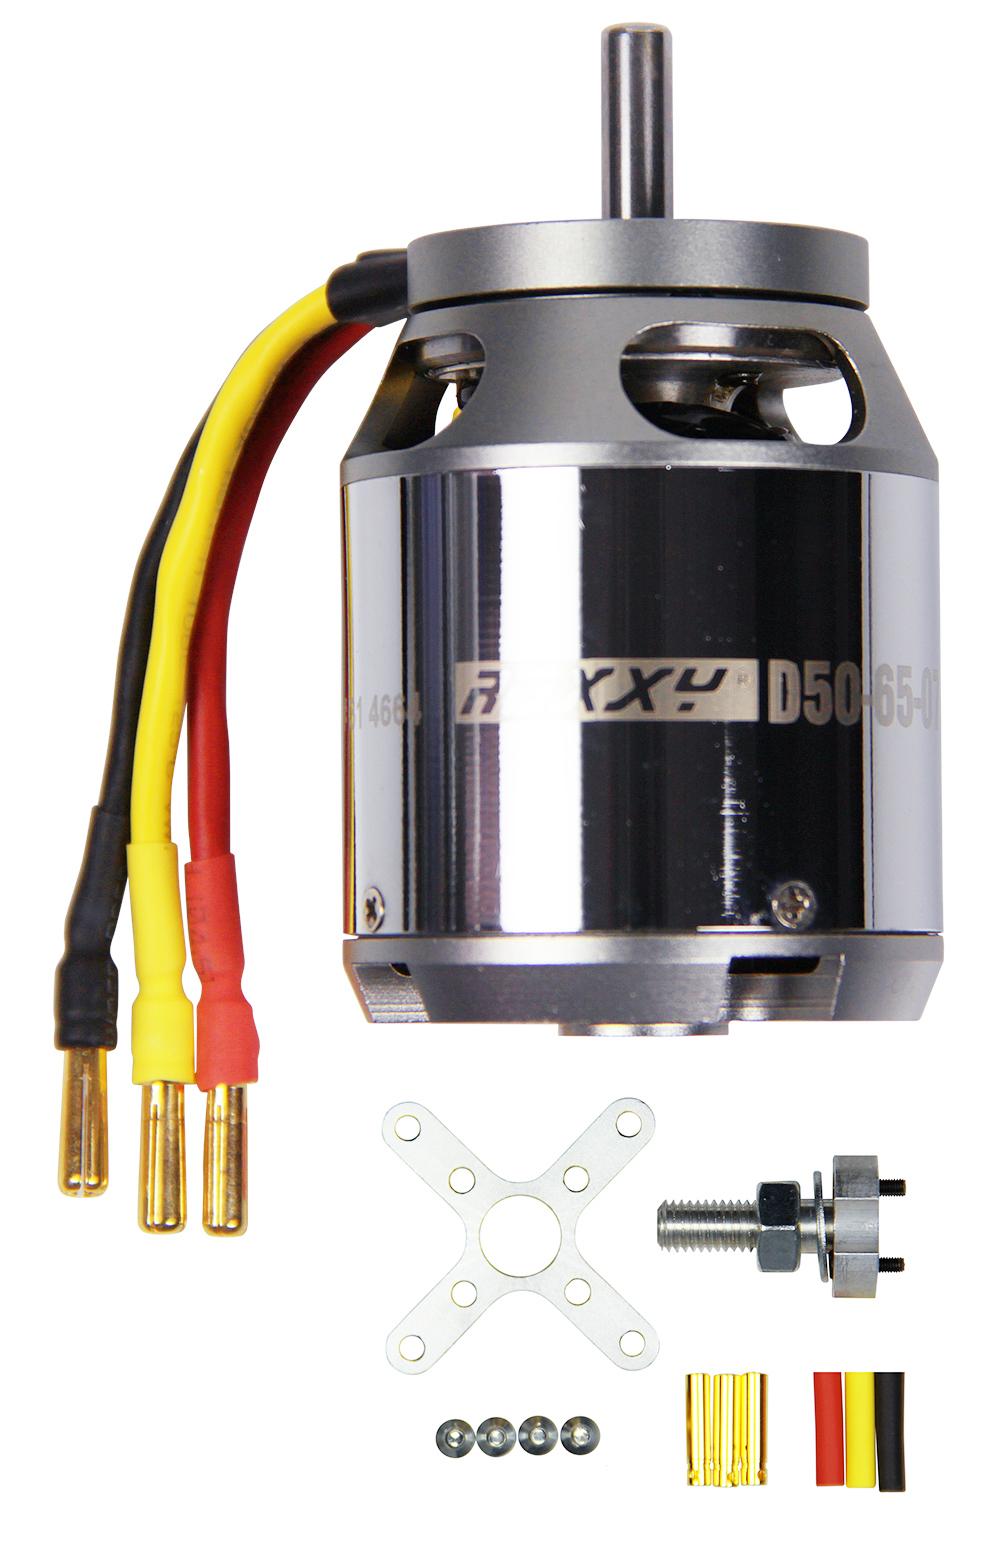 Multiplex ROXXY BL Outrunner D50-65-400kV